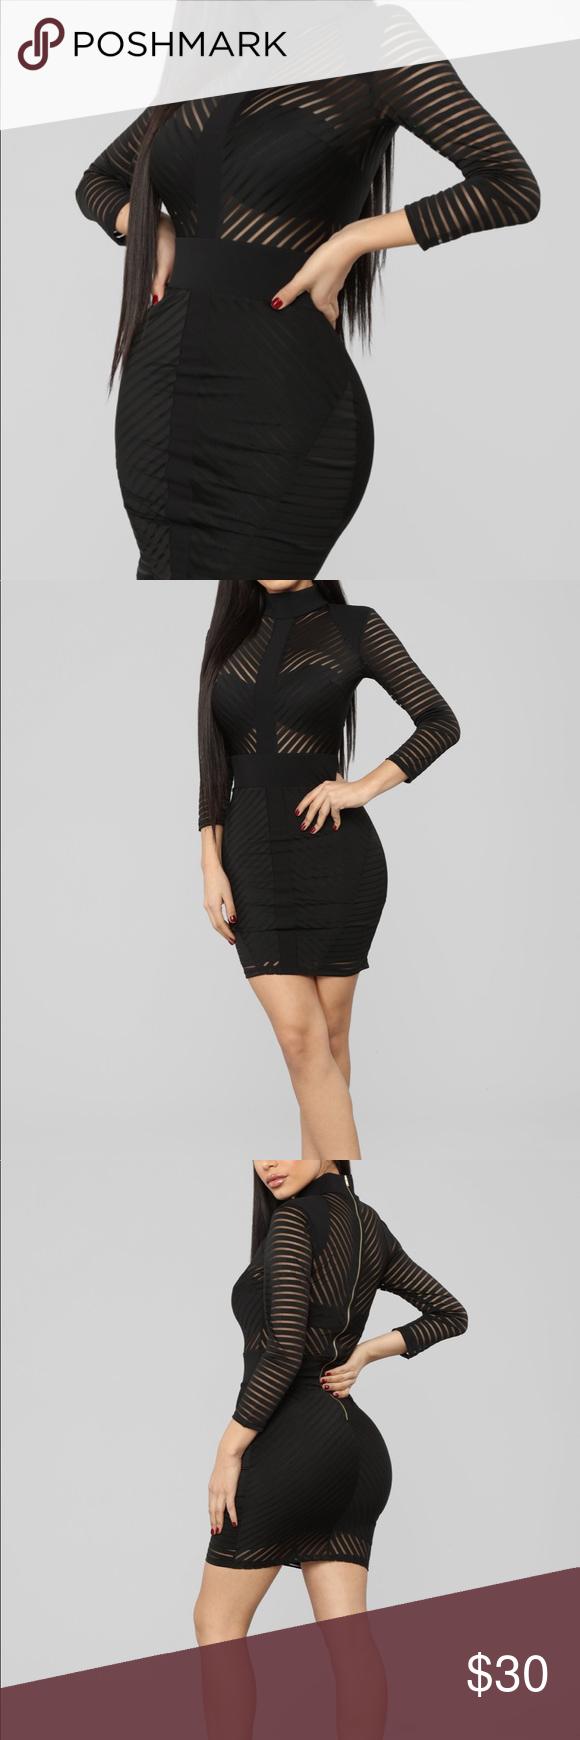 Black Fashion Nova 3 4 Length Sleeve Dress Fashion Black Fashion Fashion Nova [ 1740 x 580 Pixel ]